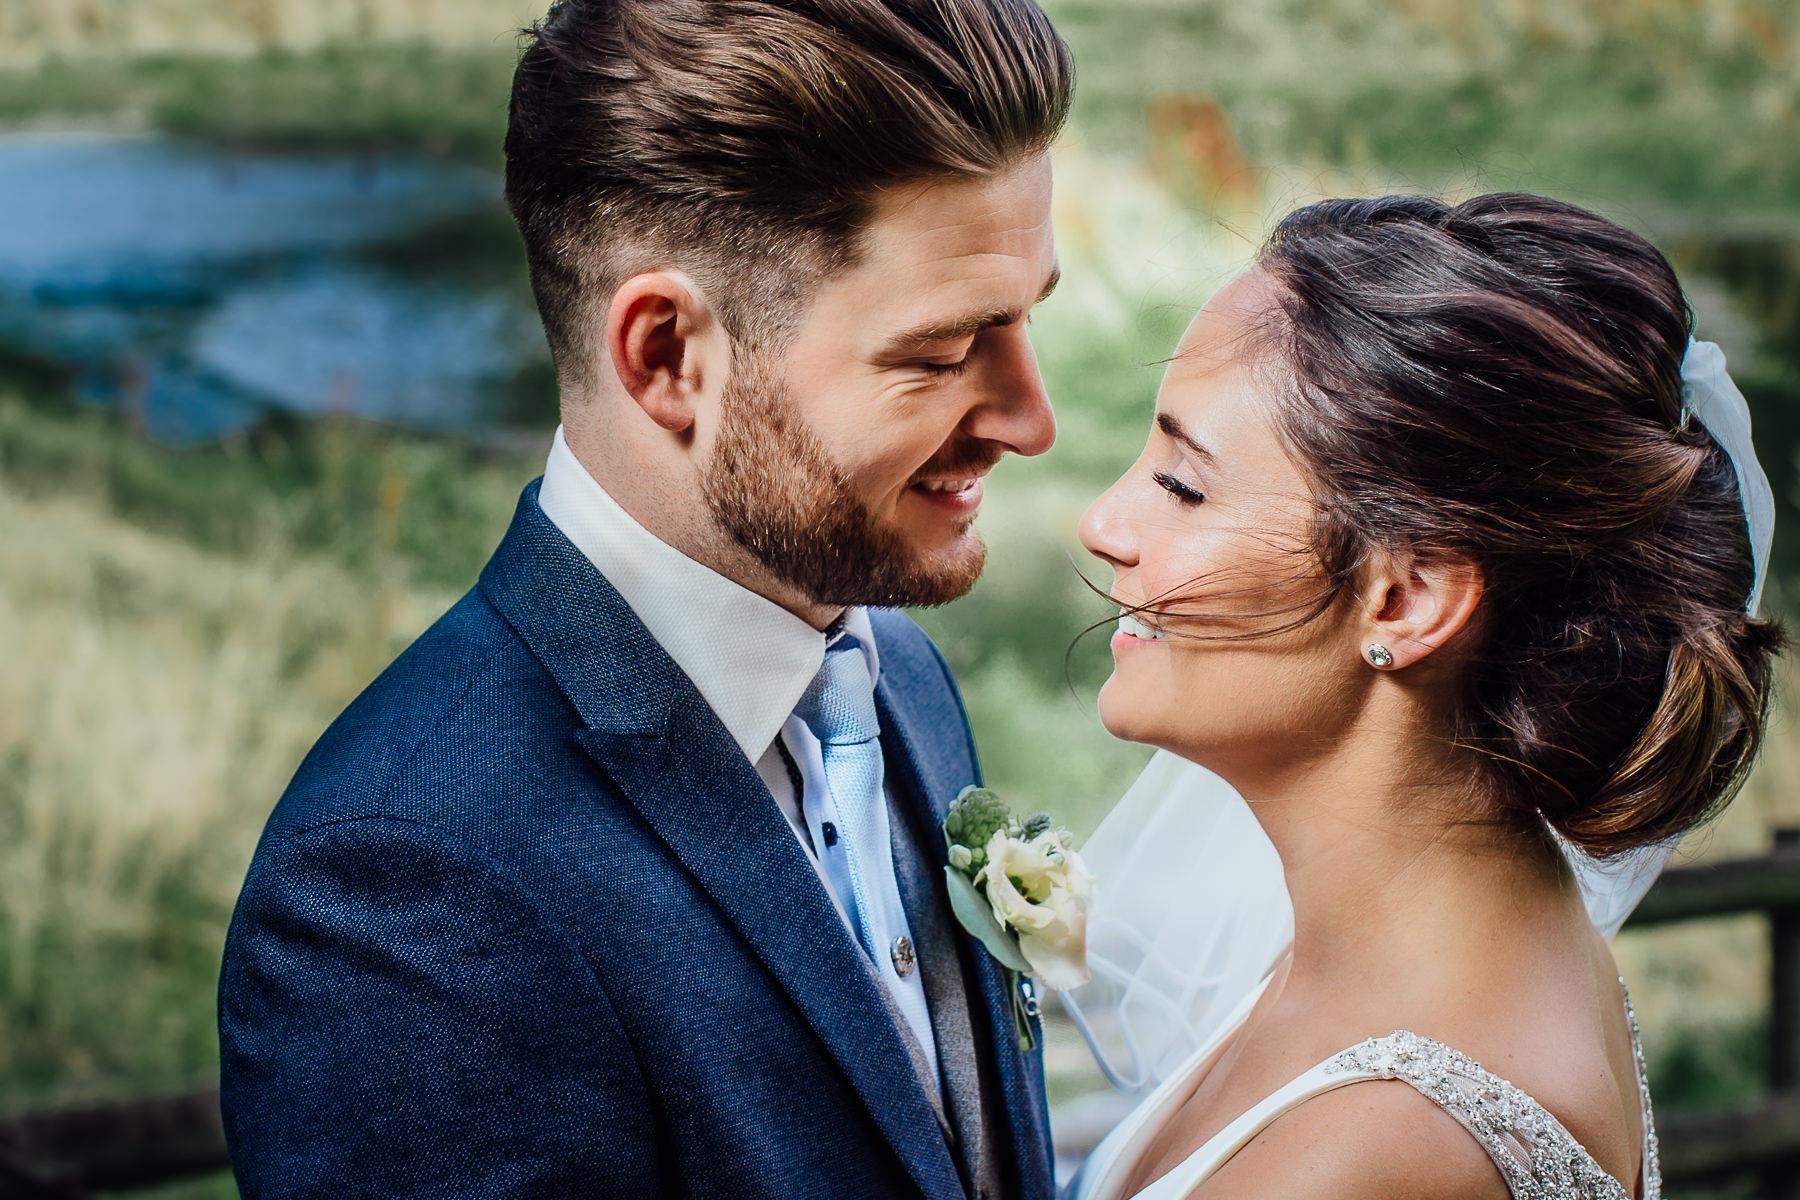 Wedding photographer Tyn Dwr Hall